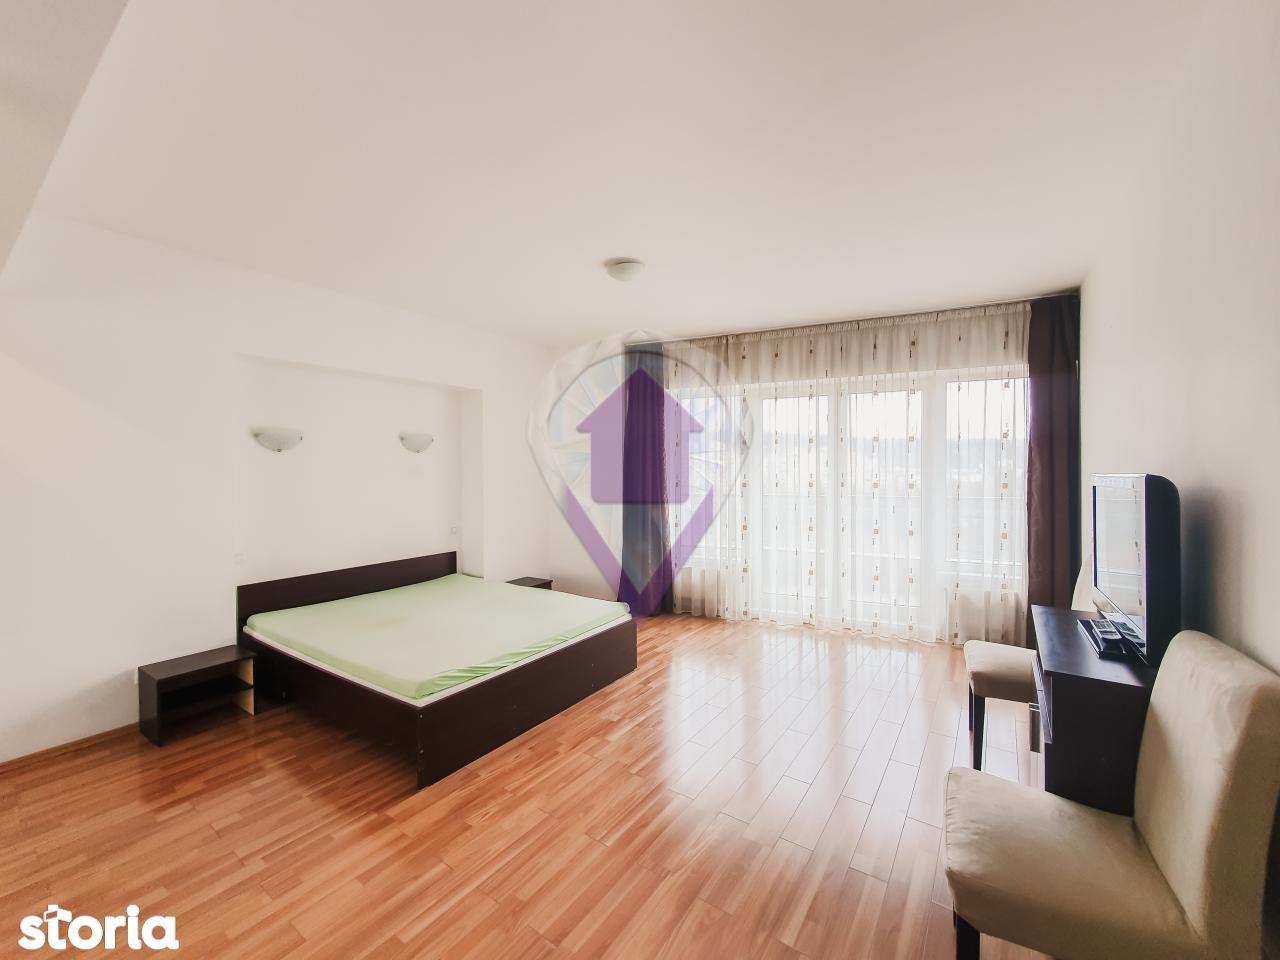 Dormitor + living | 73 m2 | modern | parcare terasă | Plopilor Vest